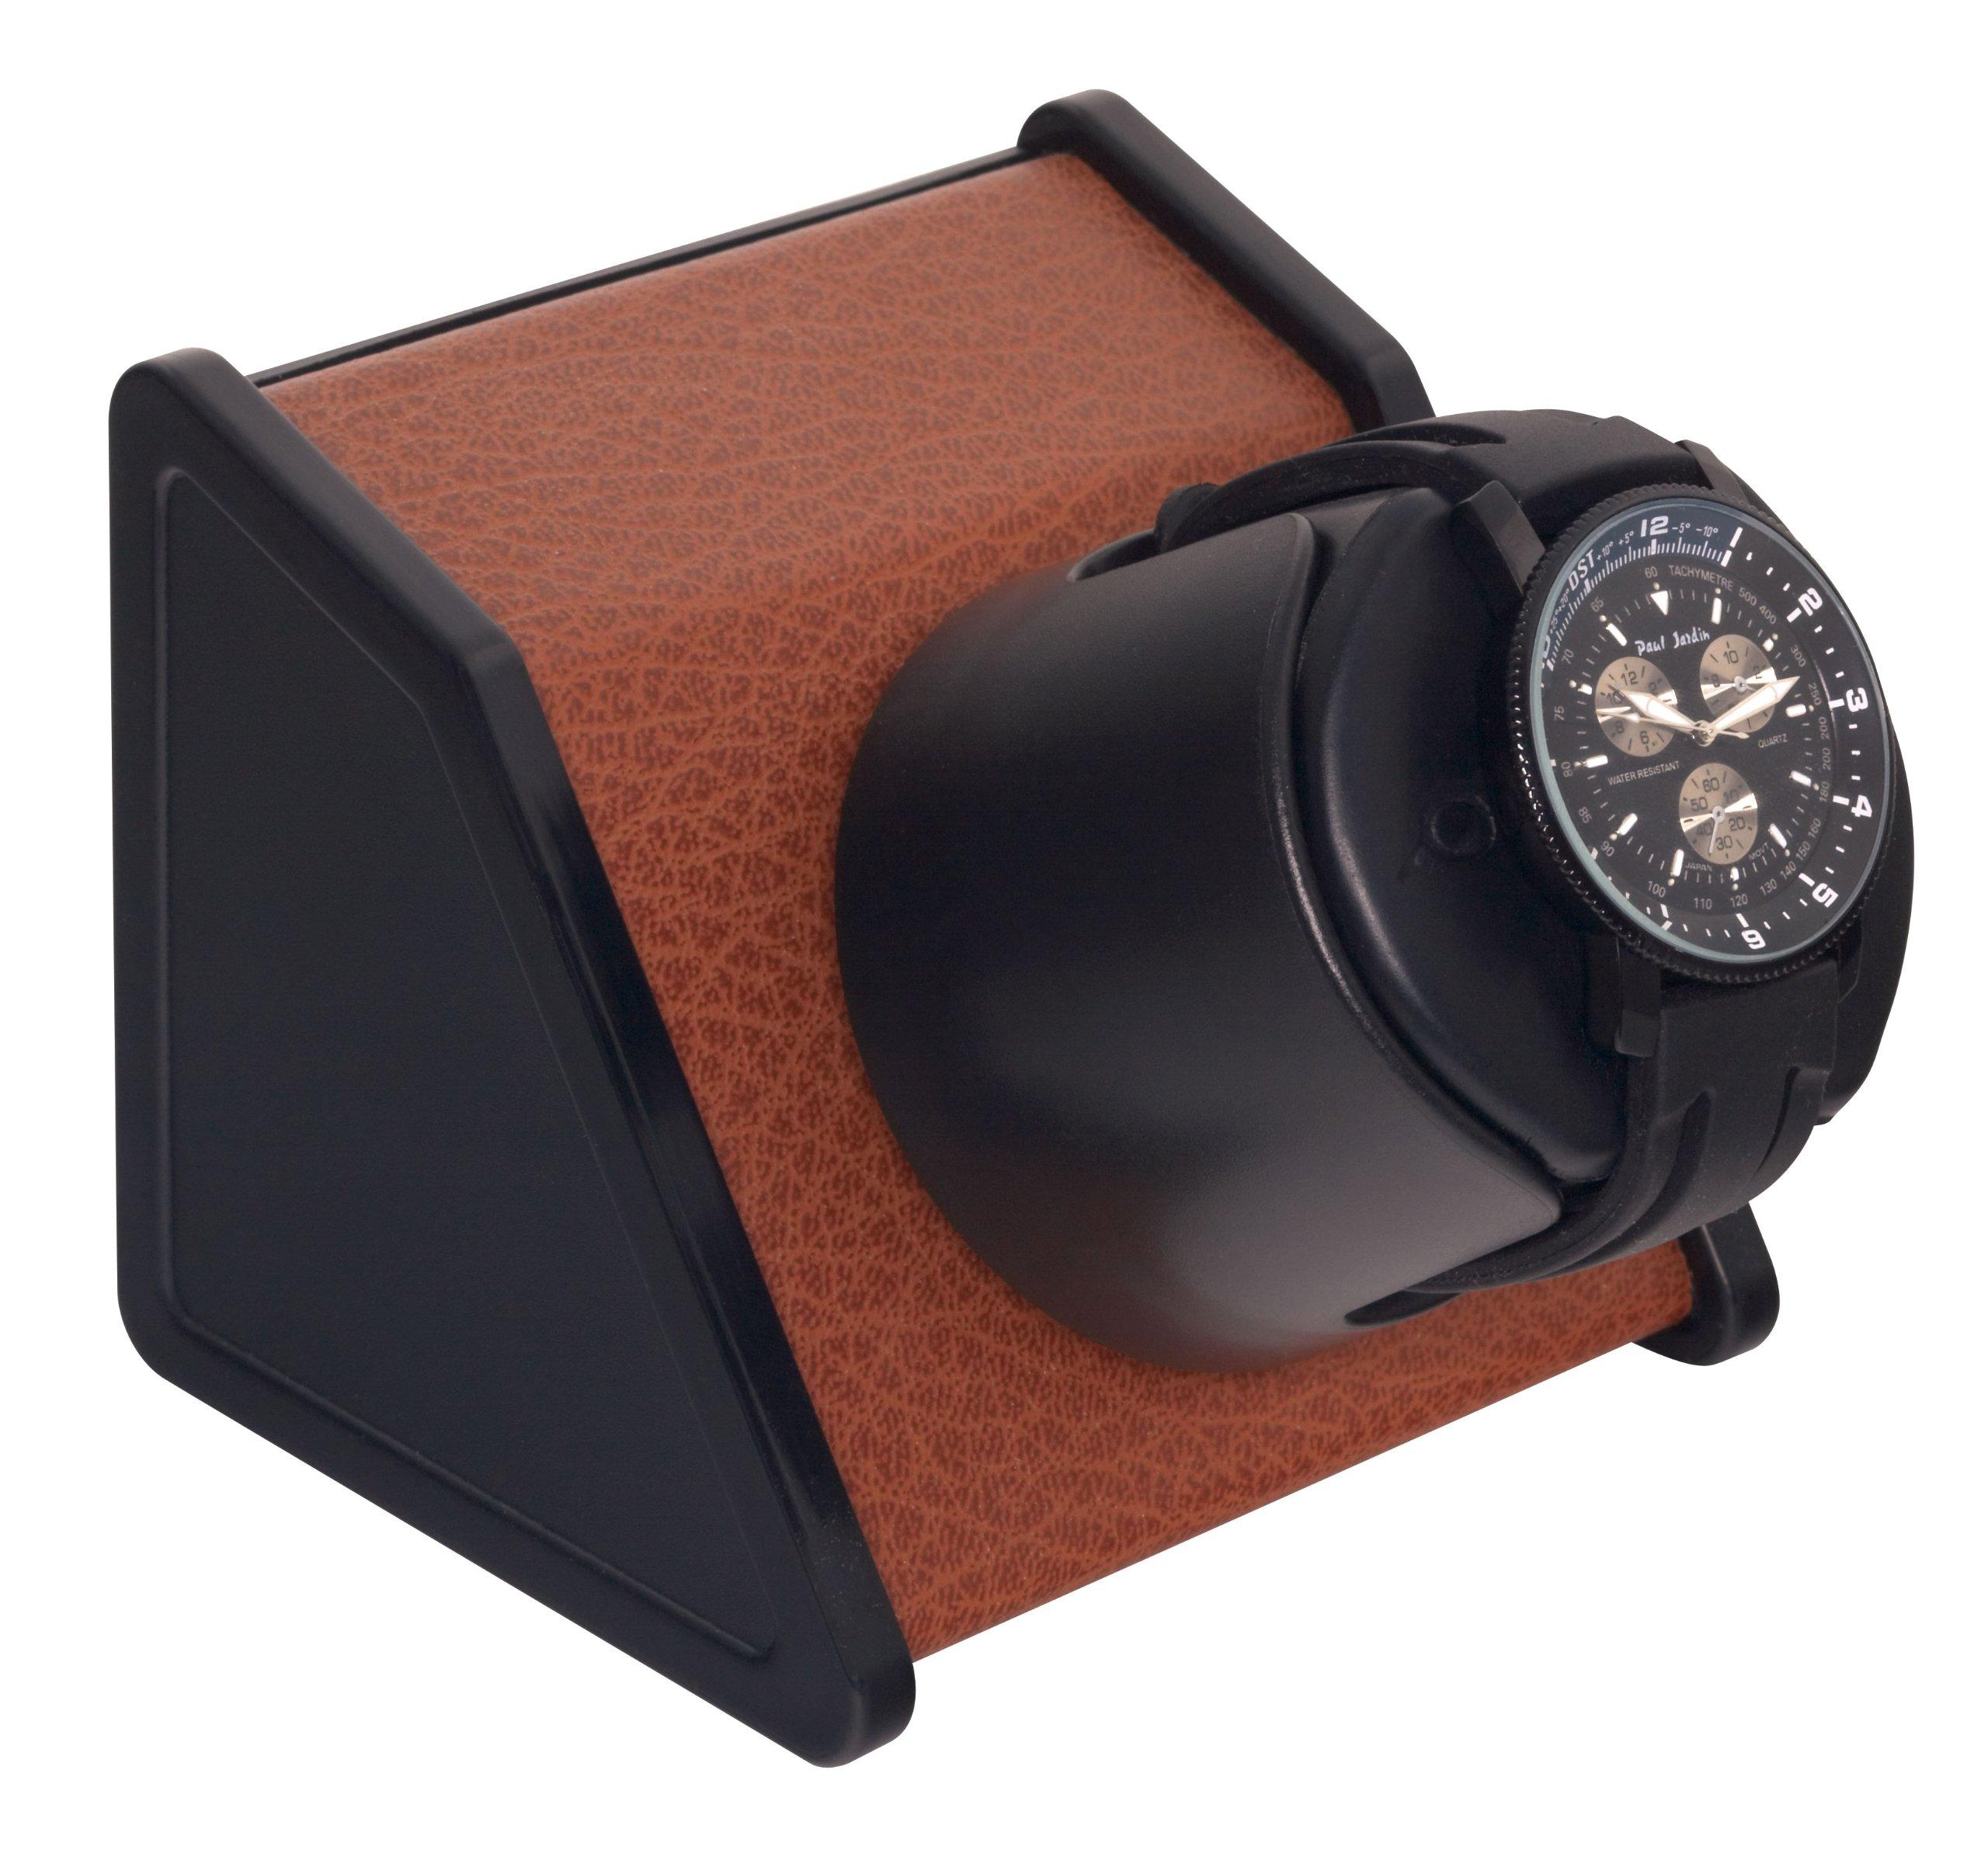 Sparta 1 Watch Winder in Brown Leatherette by Orbita